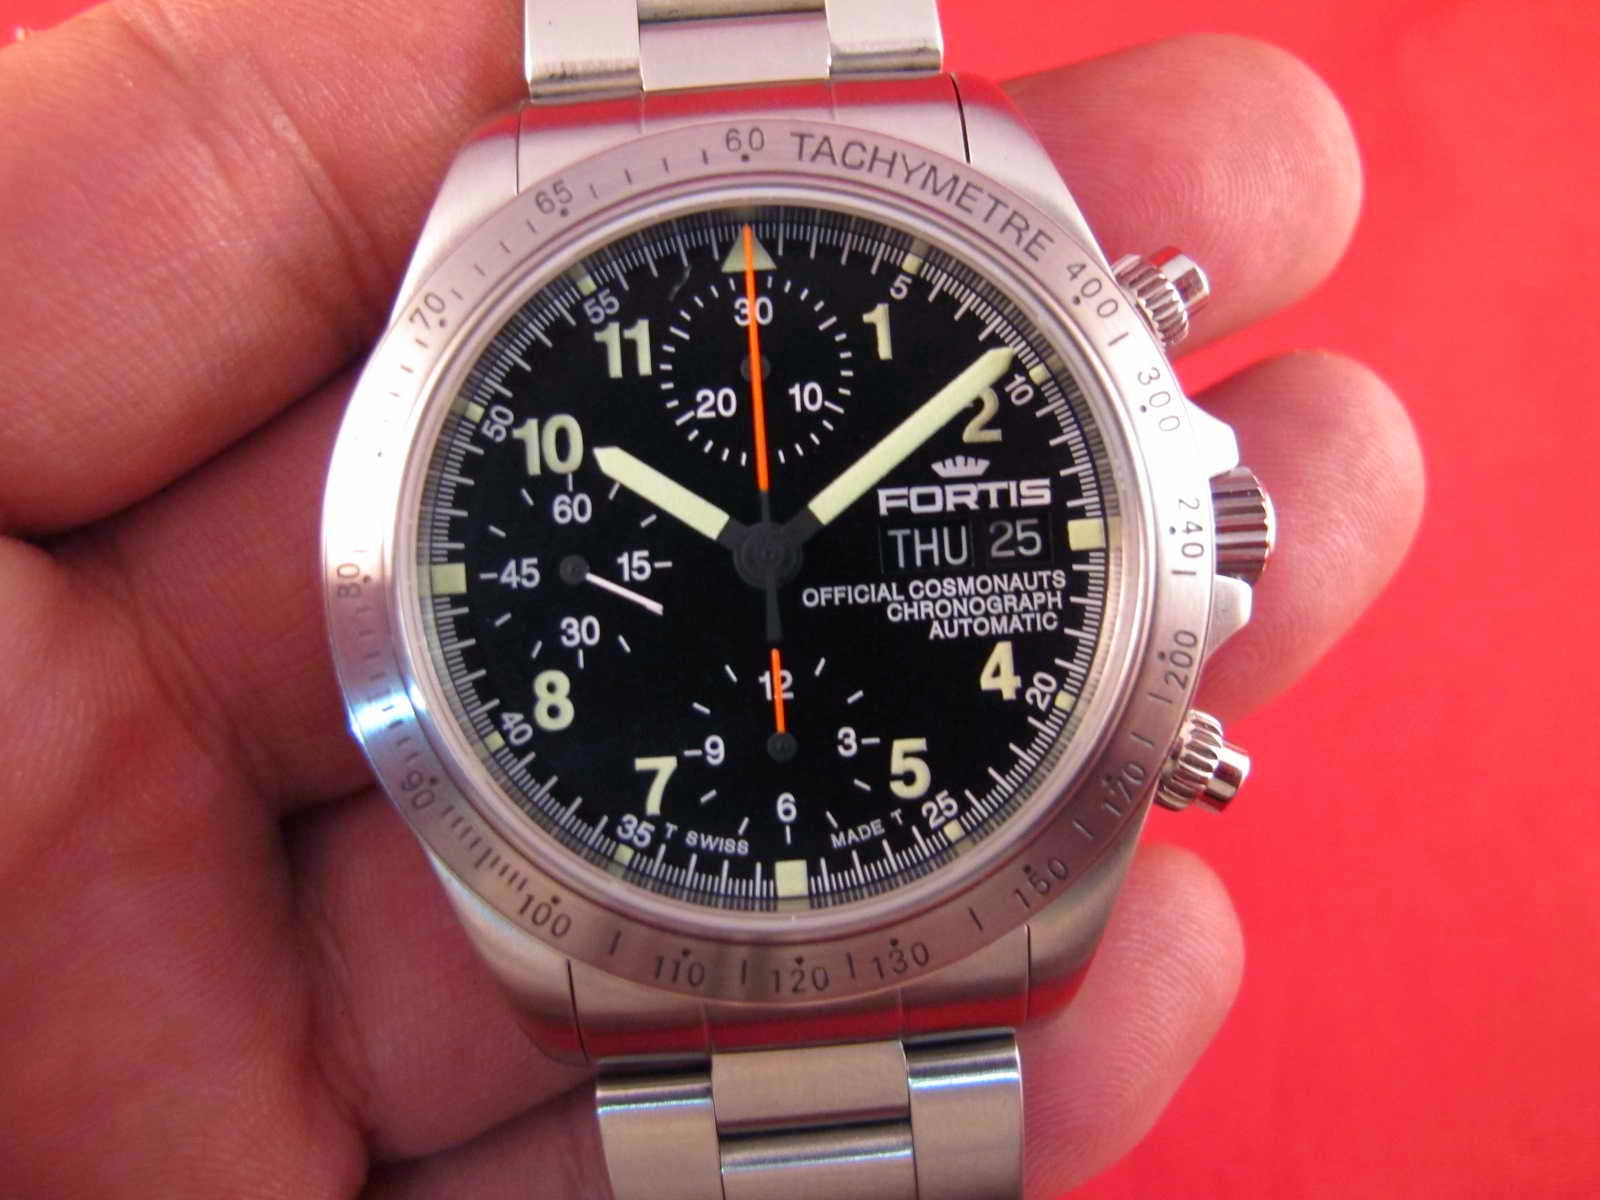 New Old Stock lengkap dengan box dan papersnya Cocok untuk Anda yang memang sedang mencari jam tangan Chronograph NOS Swiss made FORTIS